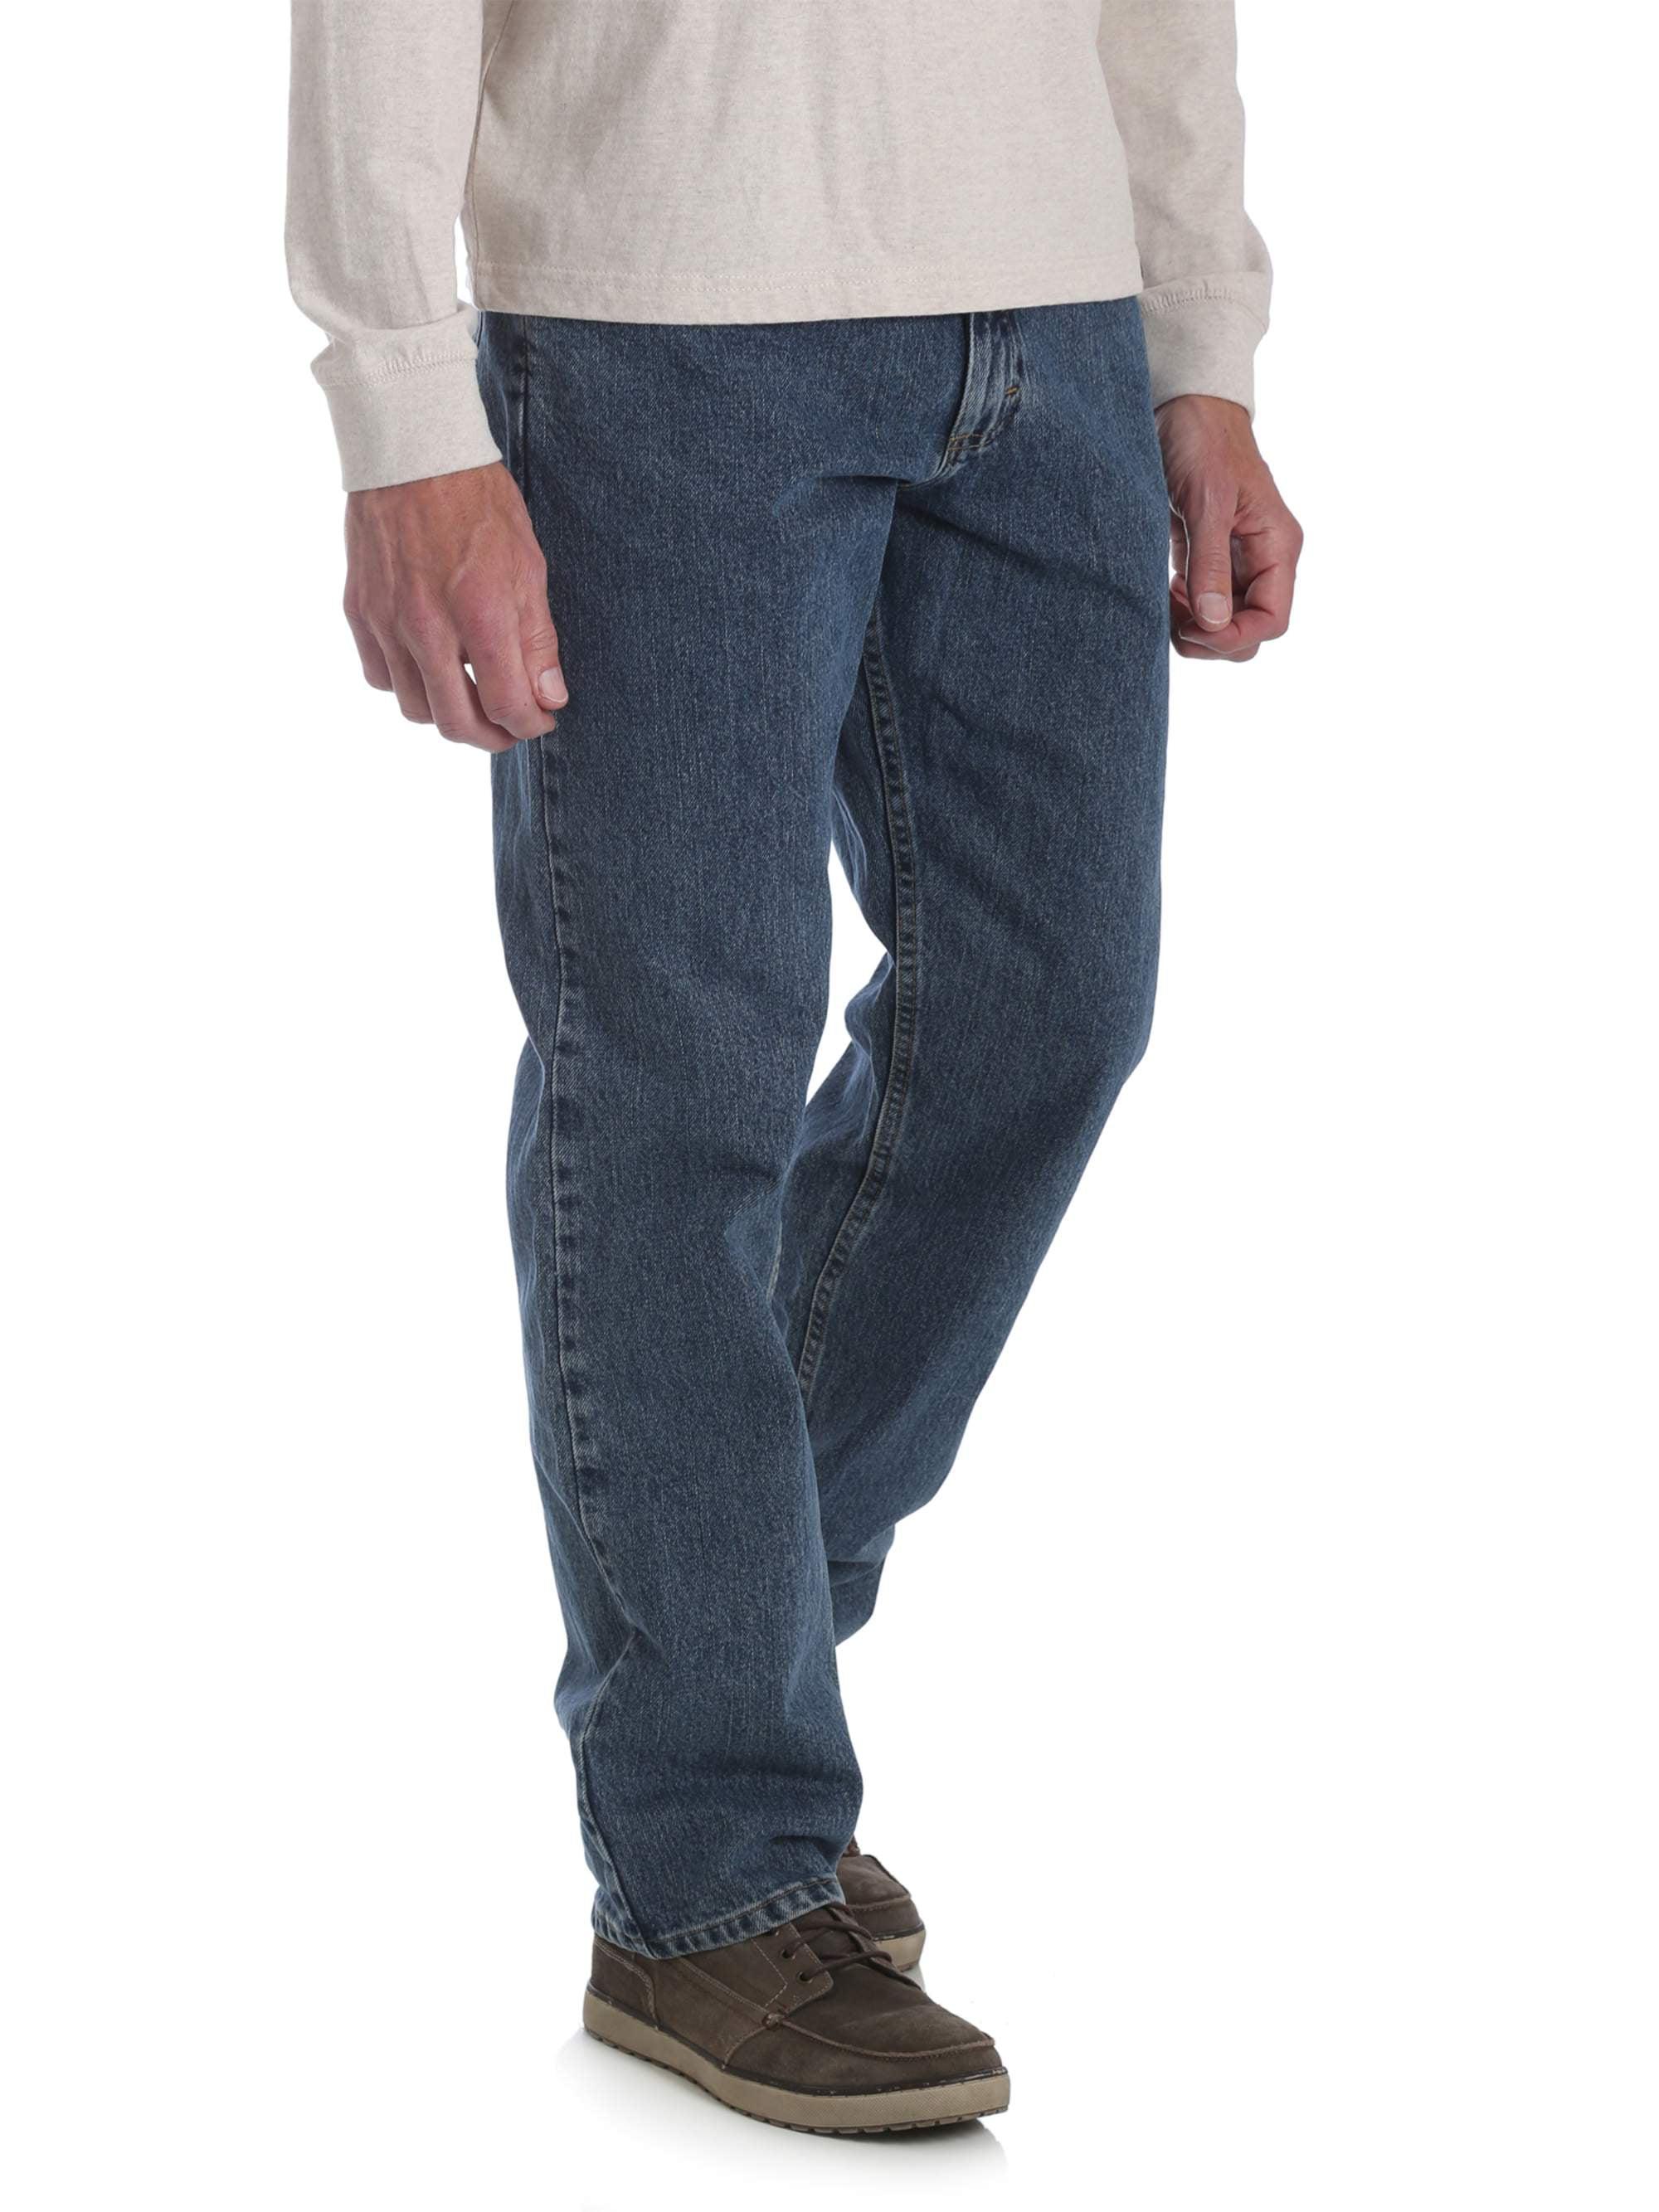 3eda37c46 Wrangler - Wrangler Men's Relaxed Fit Jeans - Walmart.com